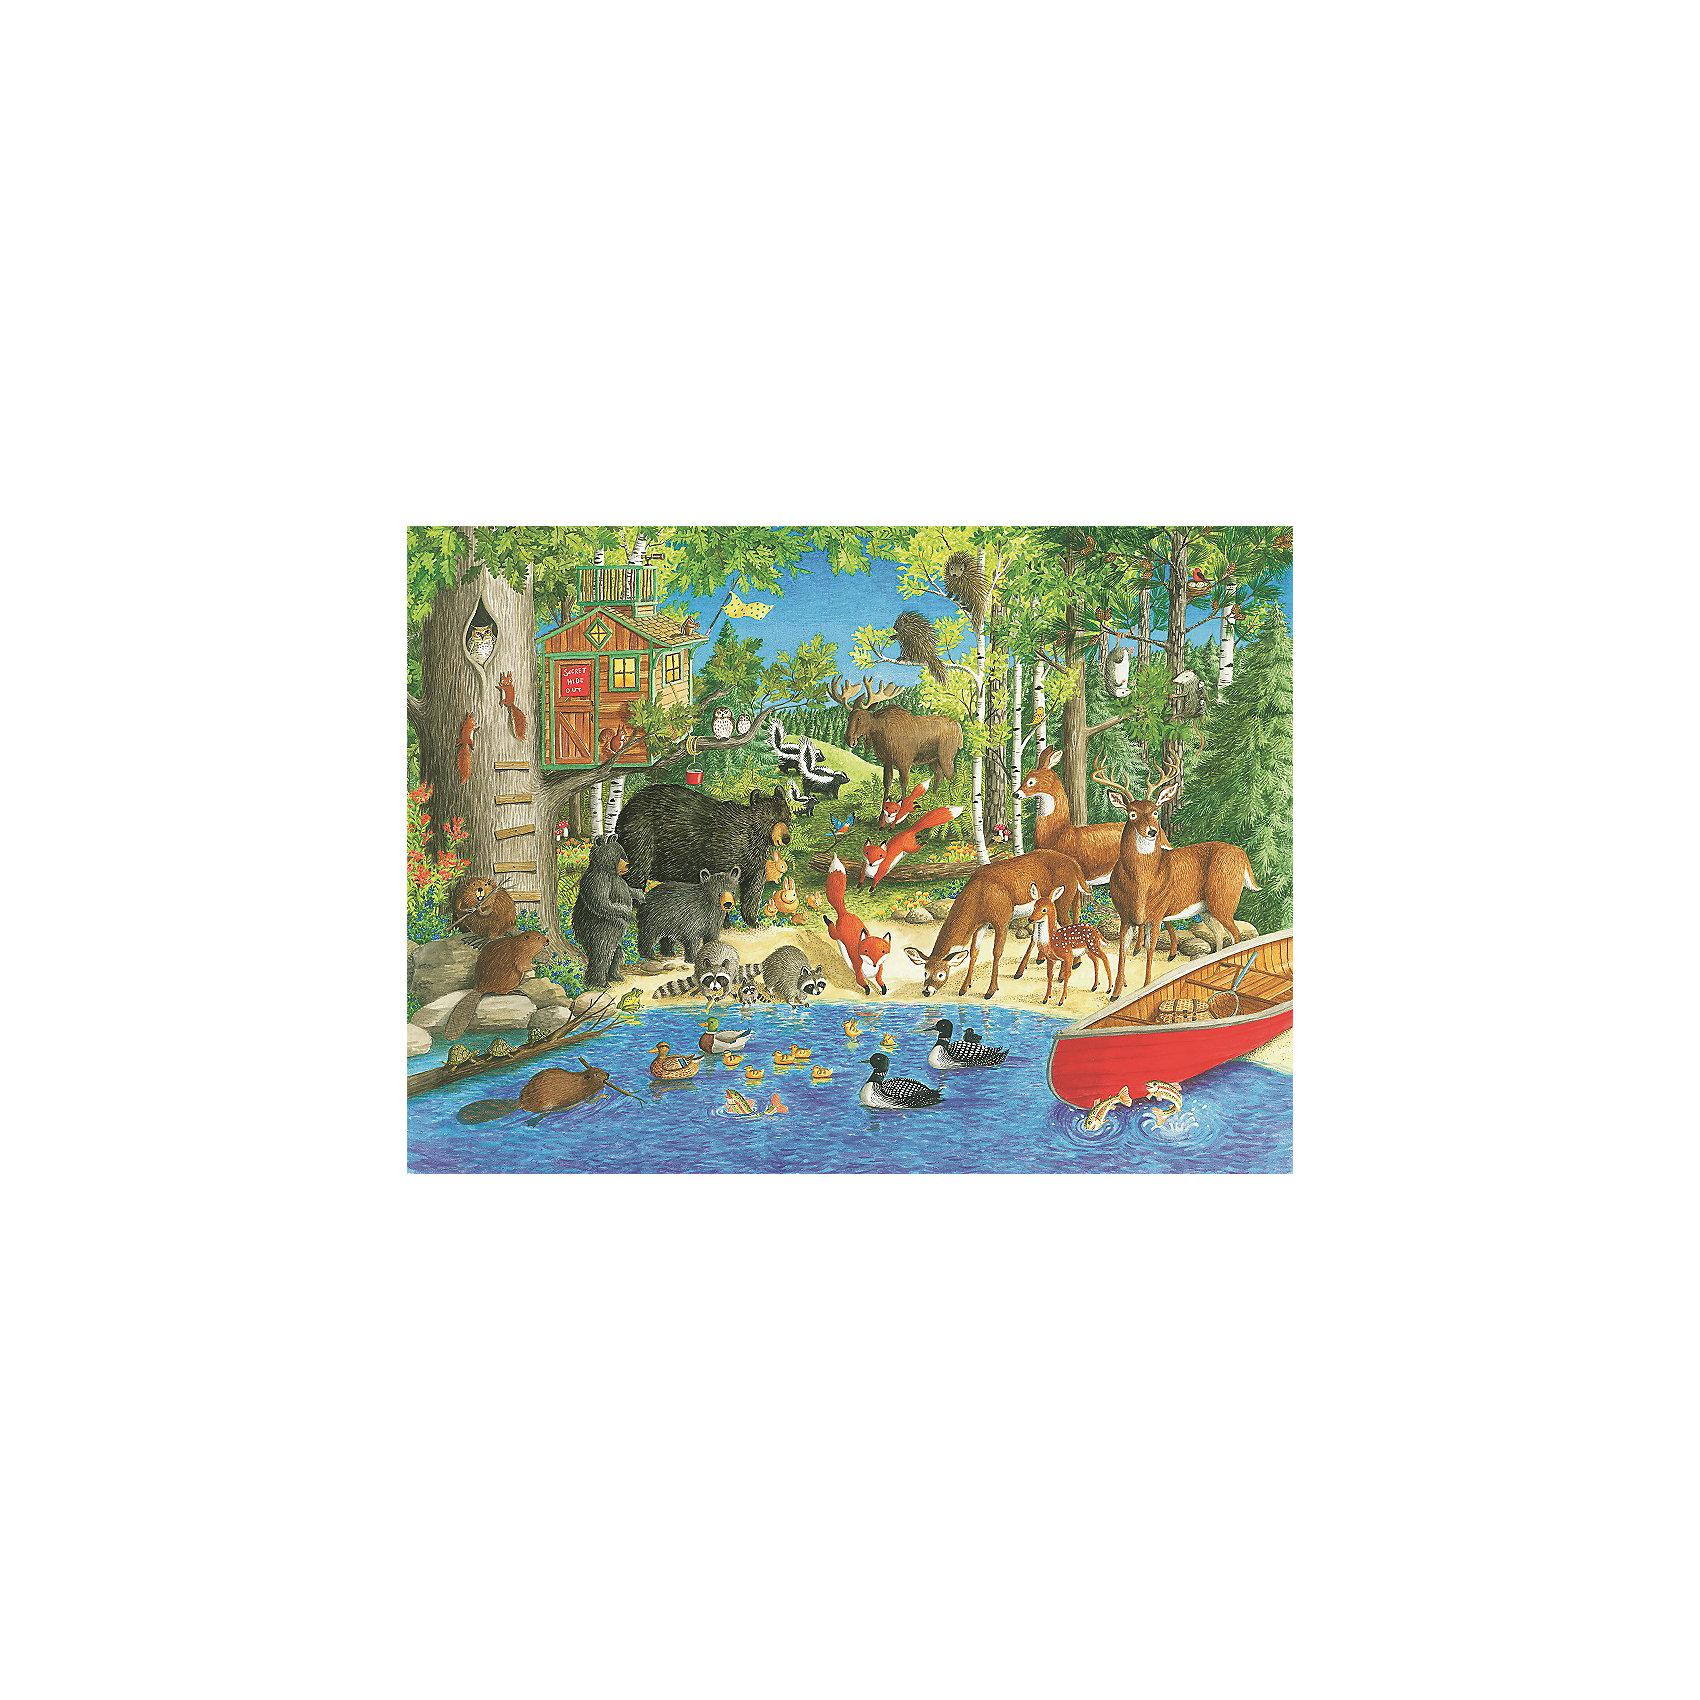 Пазл «Лесные жители» XXL 200 деталей, RavensburgerПазлы до 200 деталей<br>Пазл «Лесные жители» XXL 200 деталей, Ravensburger (Равенсбургер) – яркий детский пазл, который понравится всем членам семьи.<br>Собрав пазл «Лесные жители» ребенок получит замечательную картинку с изображением очаровательных животных - обитателей леса. Пазл состоит из 200 качественных картонных деталей, которые не ломаются, не подвергаются деформации при сборке. Каждая деталь имеет свою форму и подходит только на свое место. Элементы пазла идеально соединяются друг с другом, не отслаиваются с течением времени. Матовая поверхность исключает отблески. Пазлы Ravensburger (Равенсбургер)- это высочайшее качество картона и полиграфии. Пазлы - замечательная развивающая игра для детей. Собирание пазла развивает у ребенка мелкую моторику рук, тренирует наблюдательность, логическое мышление, знакомит с окружающим миром, с цветом и разнообразными формами, учит усидчивости и терпению, аккуратности и вниманию.<br><br>Дополнительная информация:<br><br>- Количество деталей: 200 шт.<br>- Размер картинки: 49 х 36 см.<br>- Материал: картон<br>- Размер упаковки: 34 х 23 х 4 см.<br>- Вес: 571 гр.<br><br>Пазл «Лесные жители» XXL 200 деталей, Ravensburger (Равенсбургер) можно купить в нашем интернет-магазине.<br><br>Ширина мм: 340<br>Глубина мм: 230<br>Высота мм: 40<br>Вес г: 571<br>Возраст от месяцев: 96<br>Возраст до месяцев: 168<br>Пол: Унисекс<br>Возраст: Детский<br>Количество деталей: 200<br>SKU: 4214566